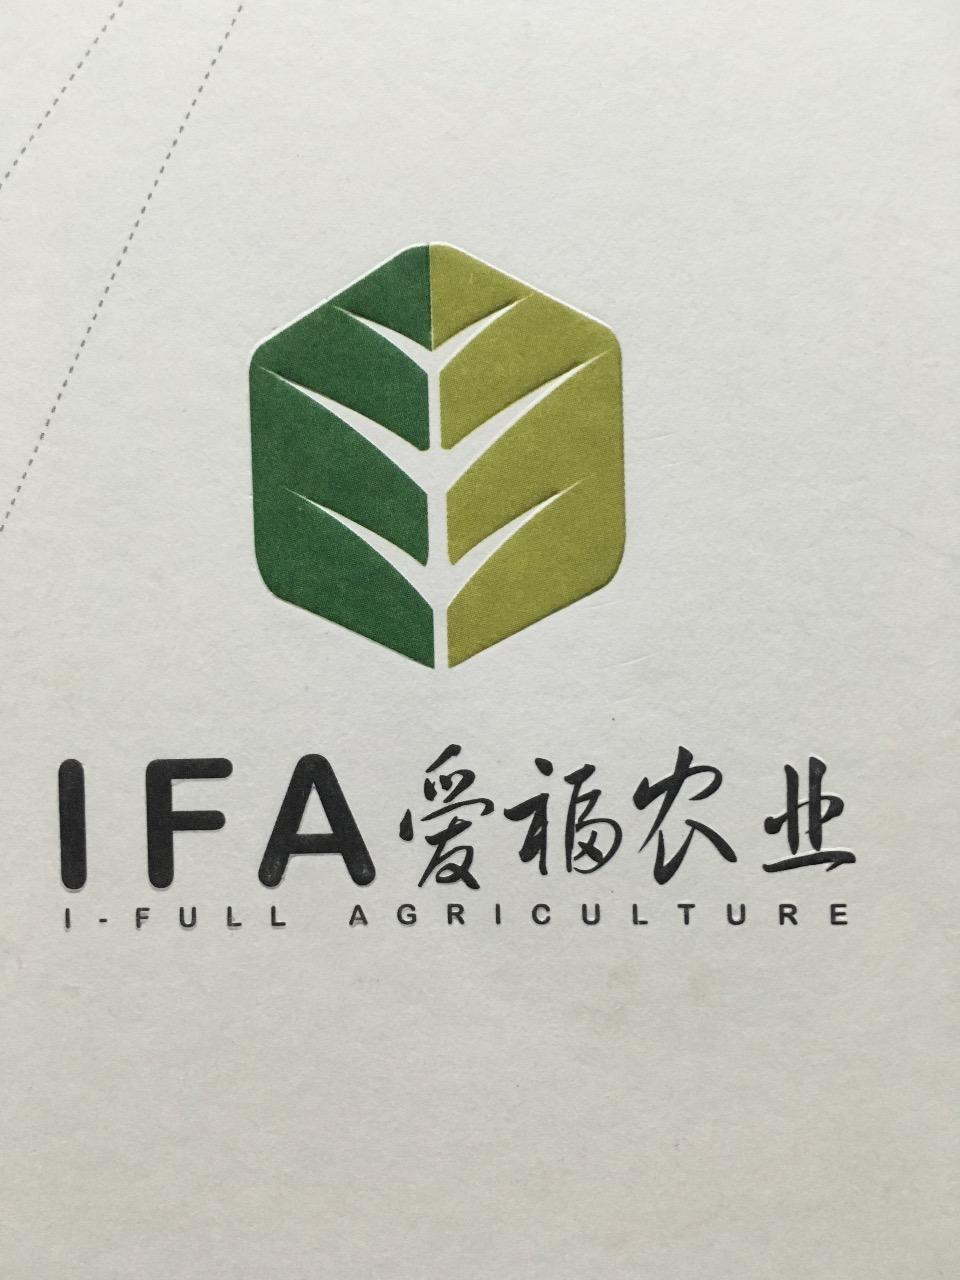 甘肃爱福农业发展股份有限公司 最新采购和商业信息